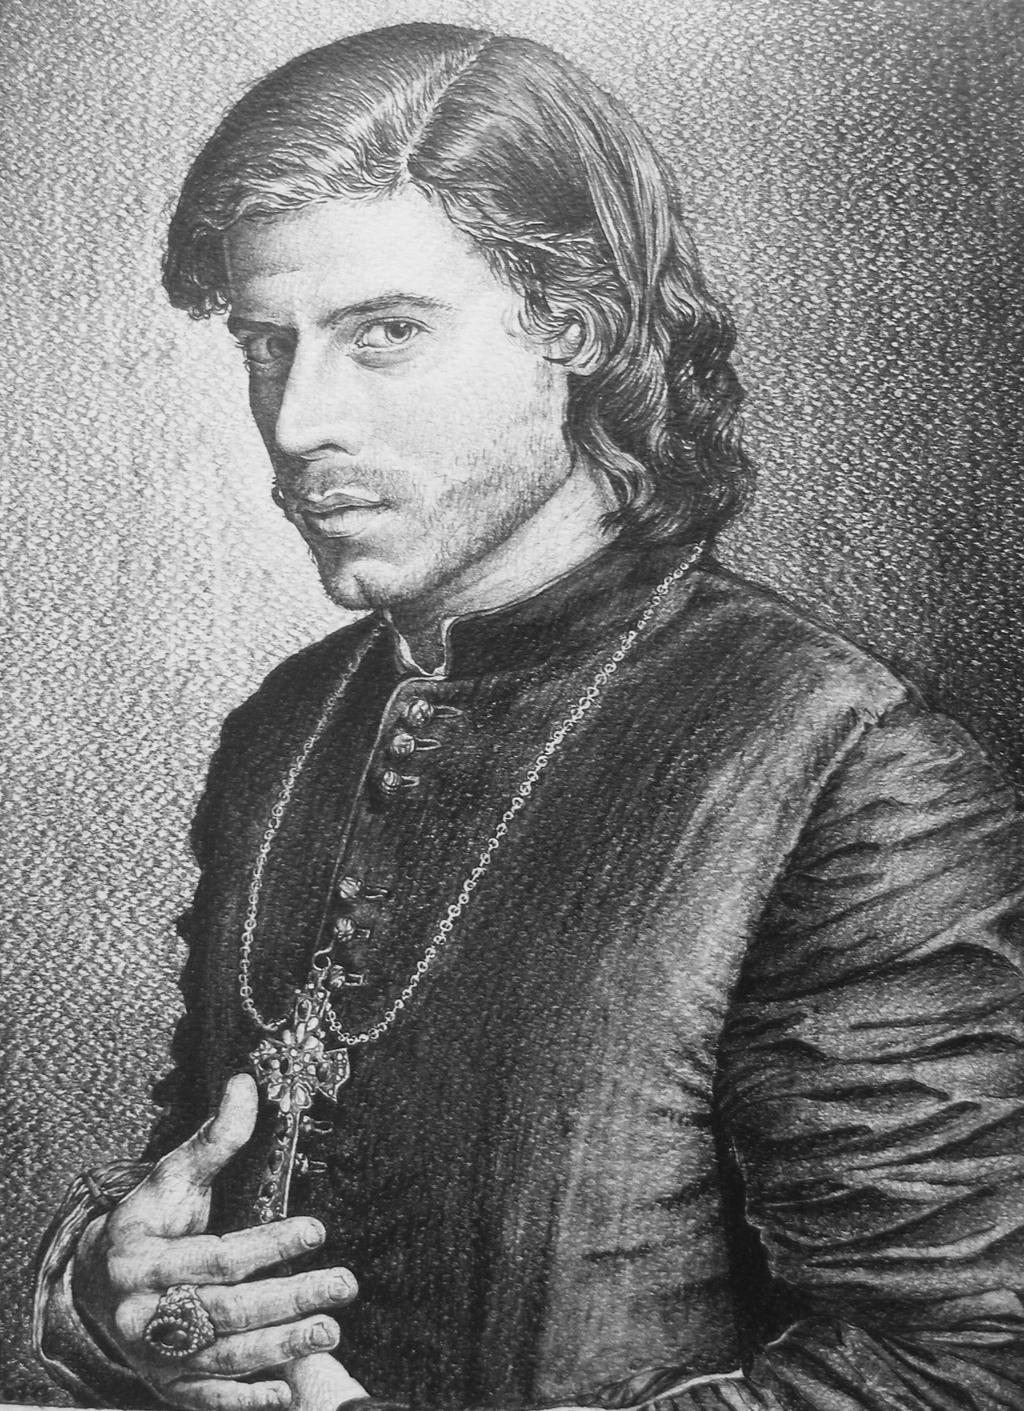 Cesare Borgia by Stanbos on DeviantArt